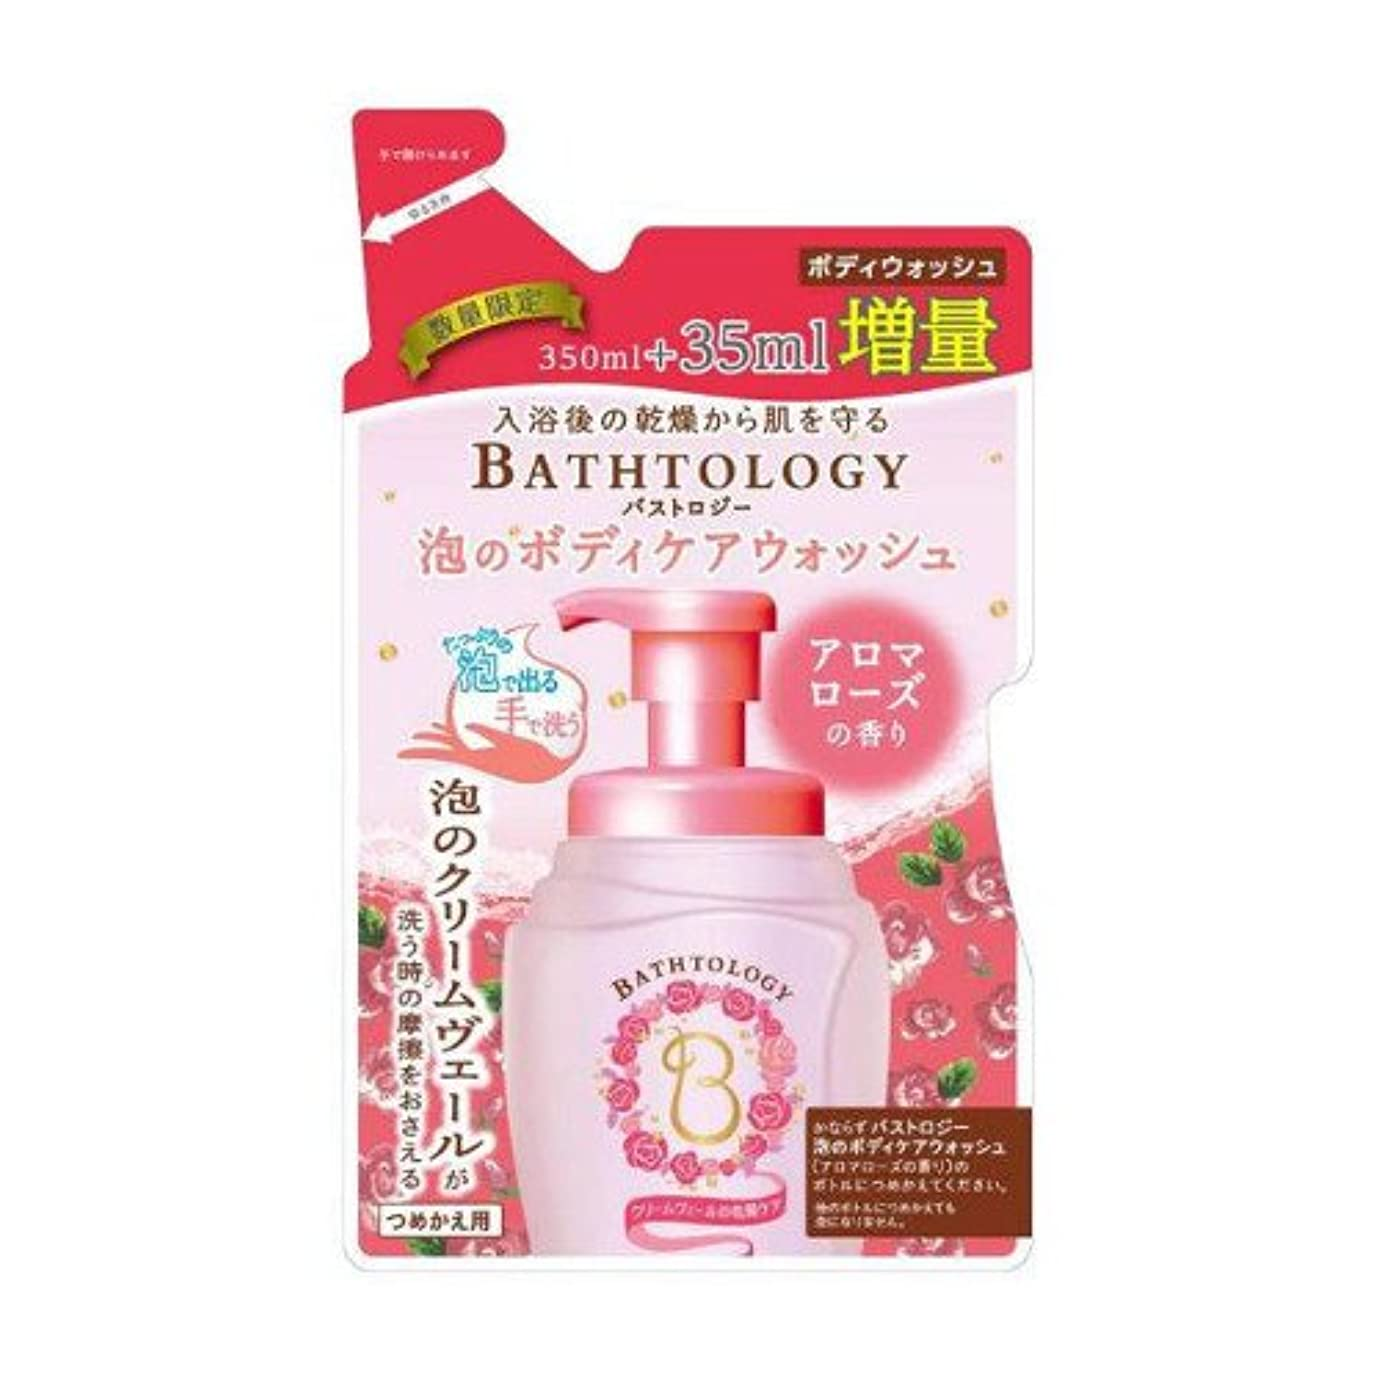 バスケットボール体系的にたらいBATHTOLOGY(バストロジー) 泡のボディケアウォッシュ アロマローズの香り 詰替